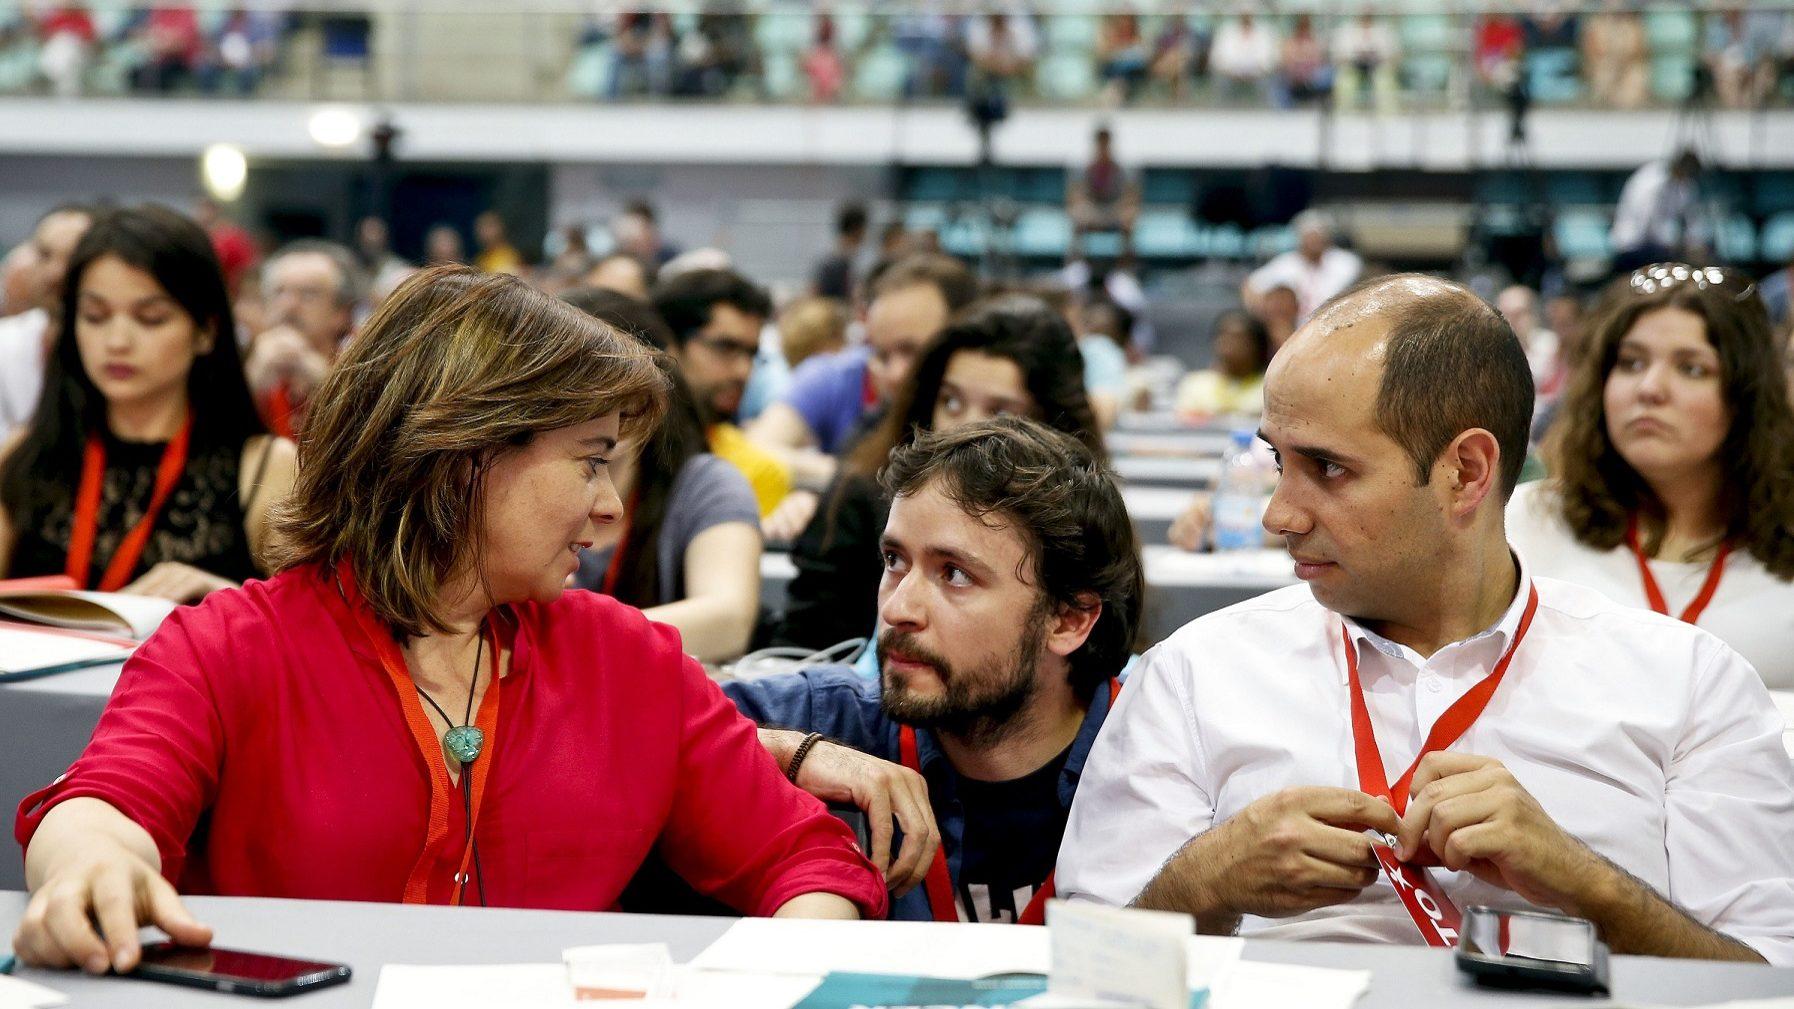 A Coordenadora do Bloco de Esquerda Catarina Martins (E) conversa com o deputado José Soeiro e com o lider parlamentar Pedro Filipe Soares, no último dia da X Convenção Nacional do Bloco de Esquerda.